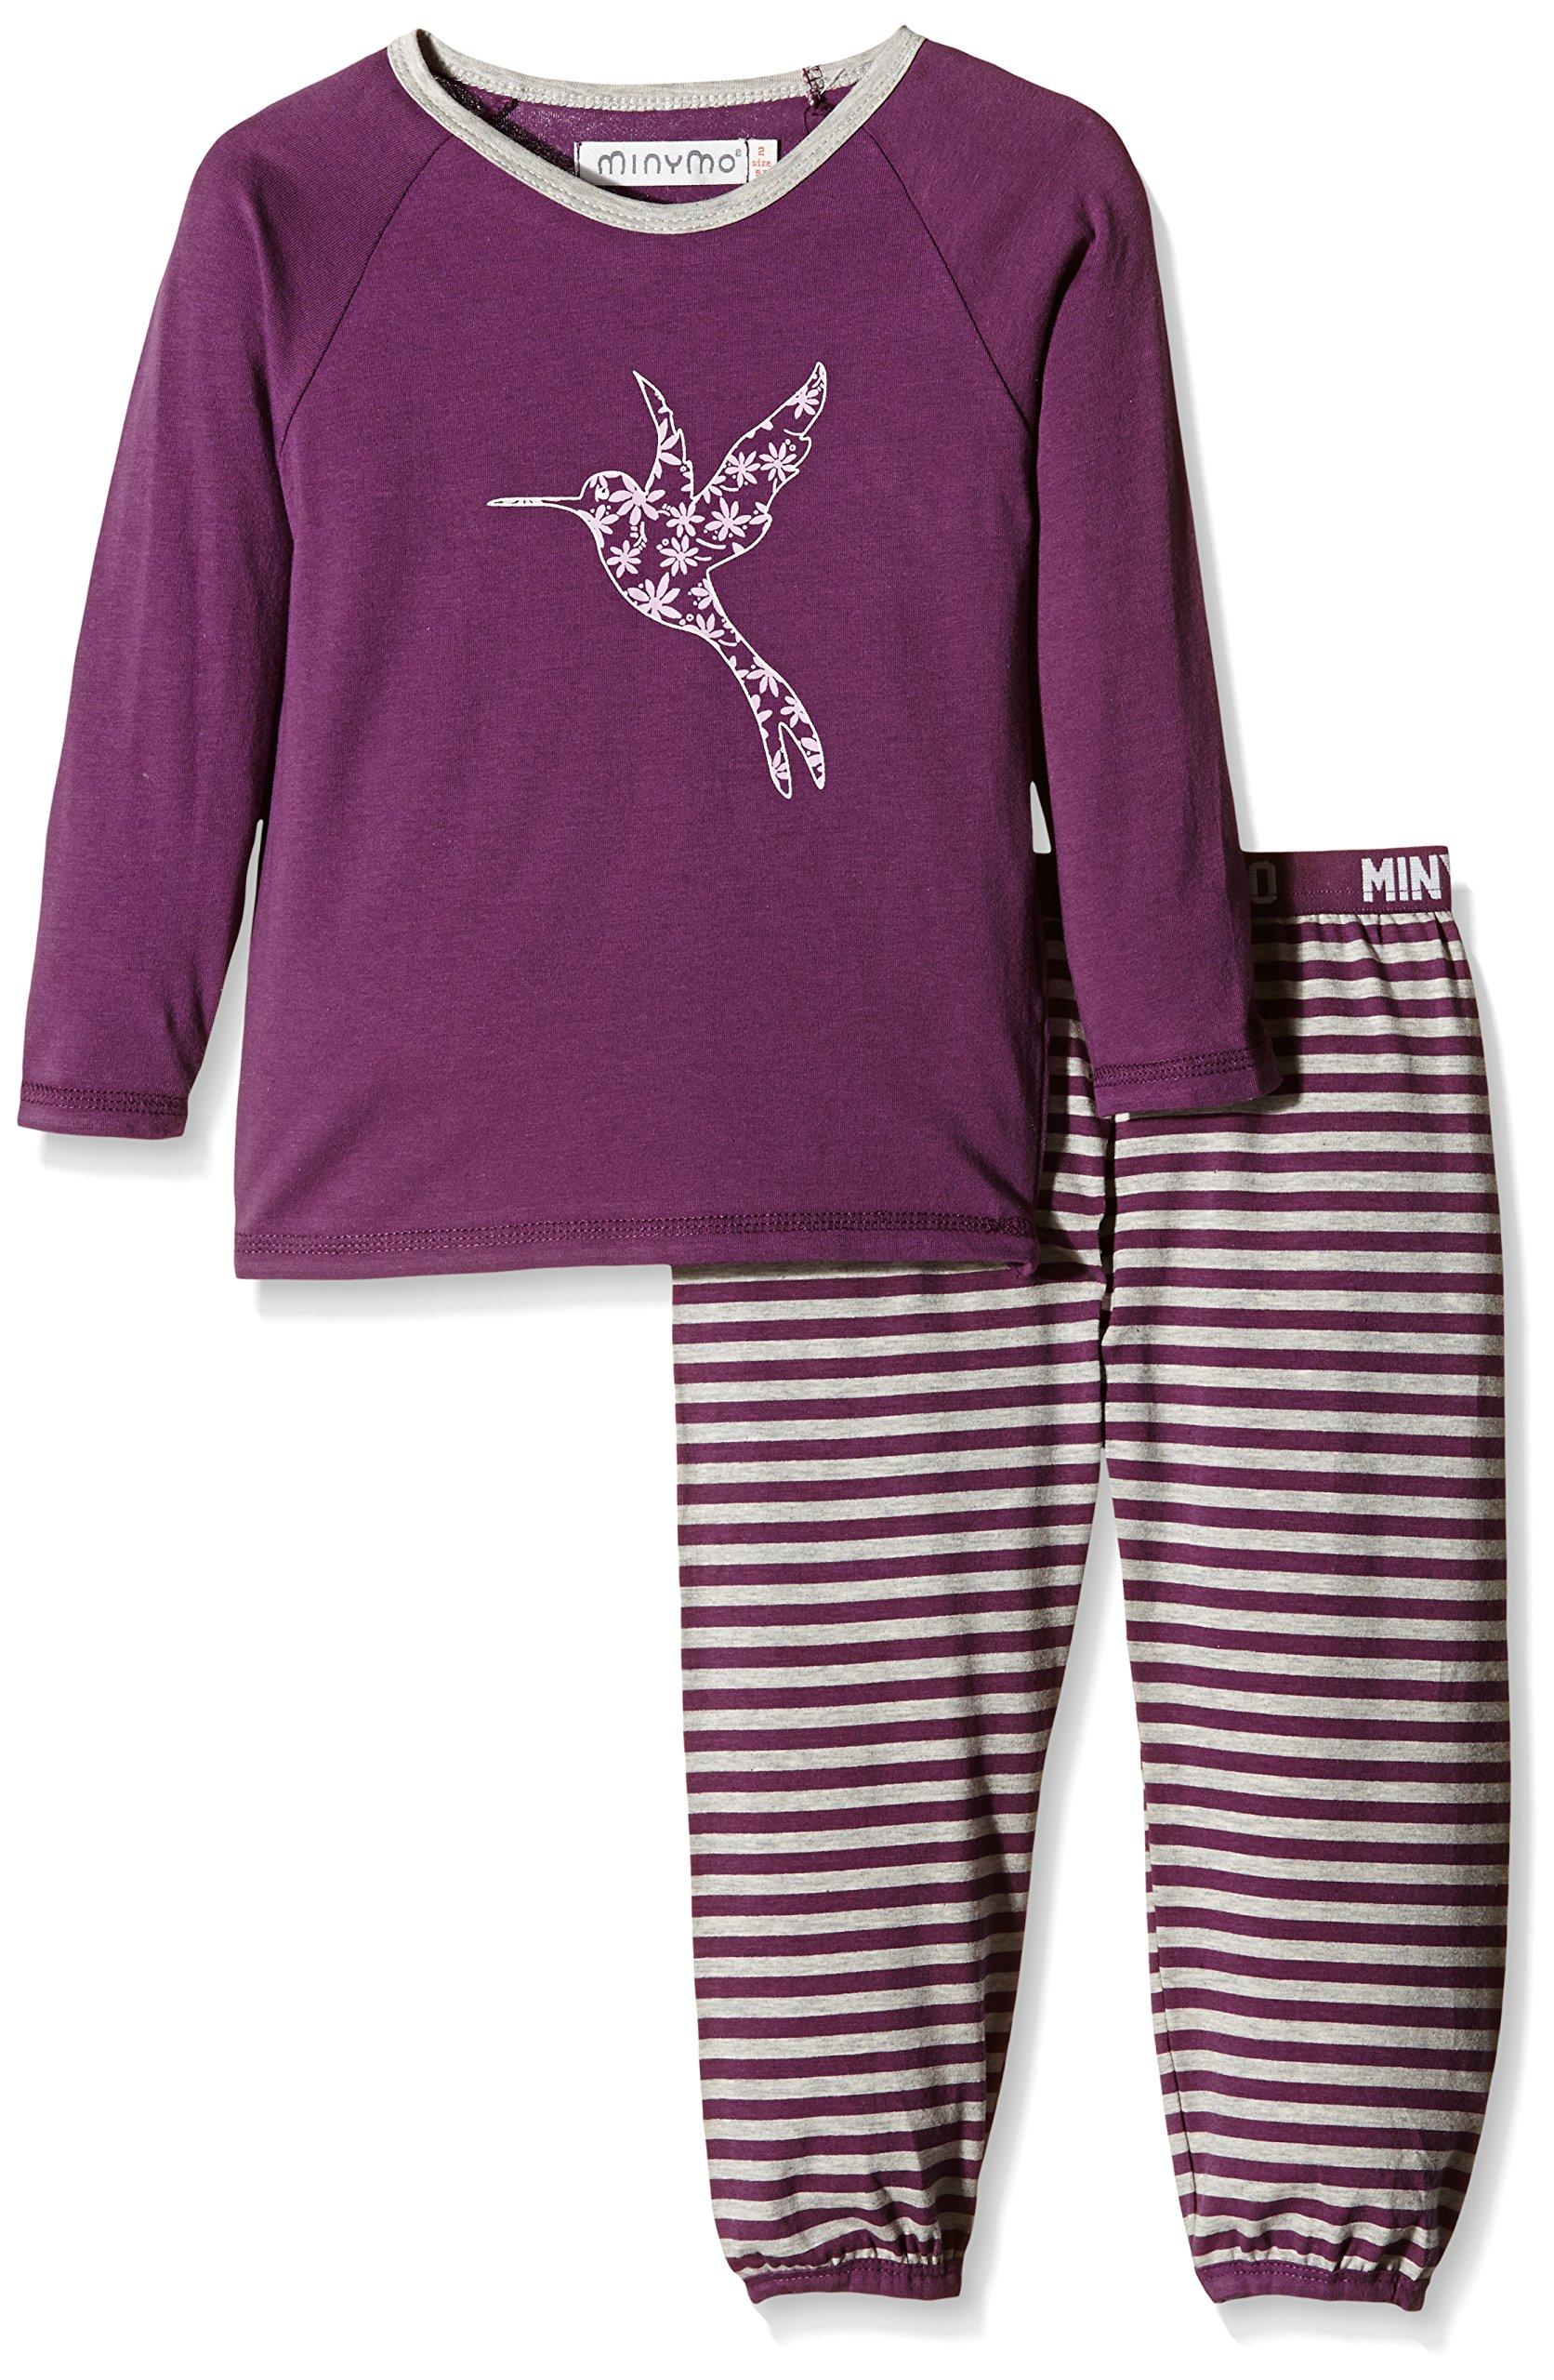 Minymo Chen 68-Pyjamas-Striped Pant, Pigiama Bambina, Purple Passion, 18-24 Mesi